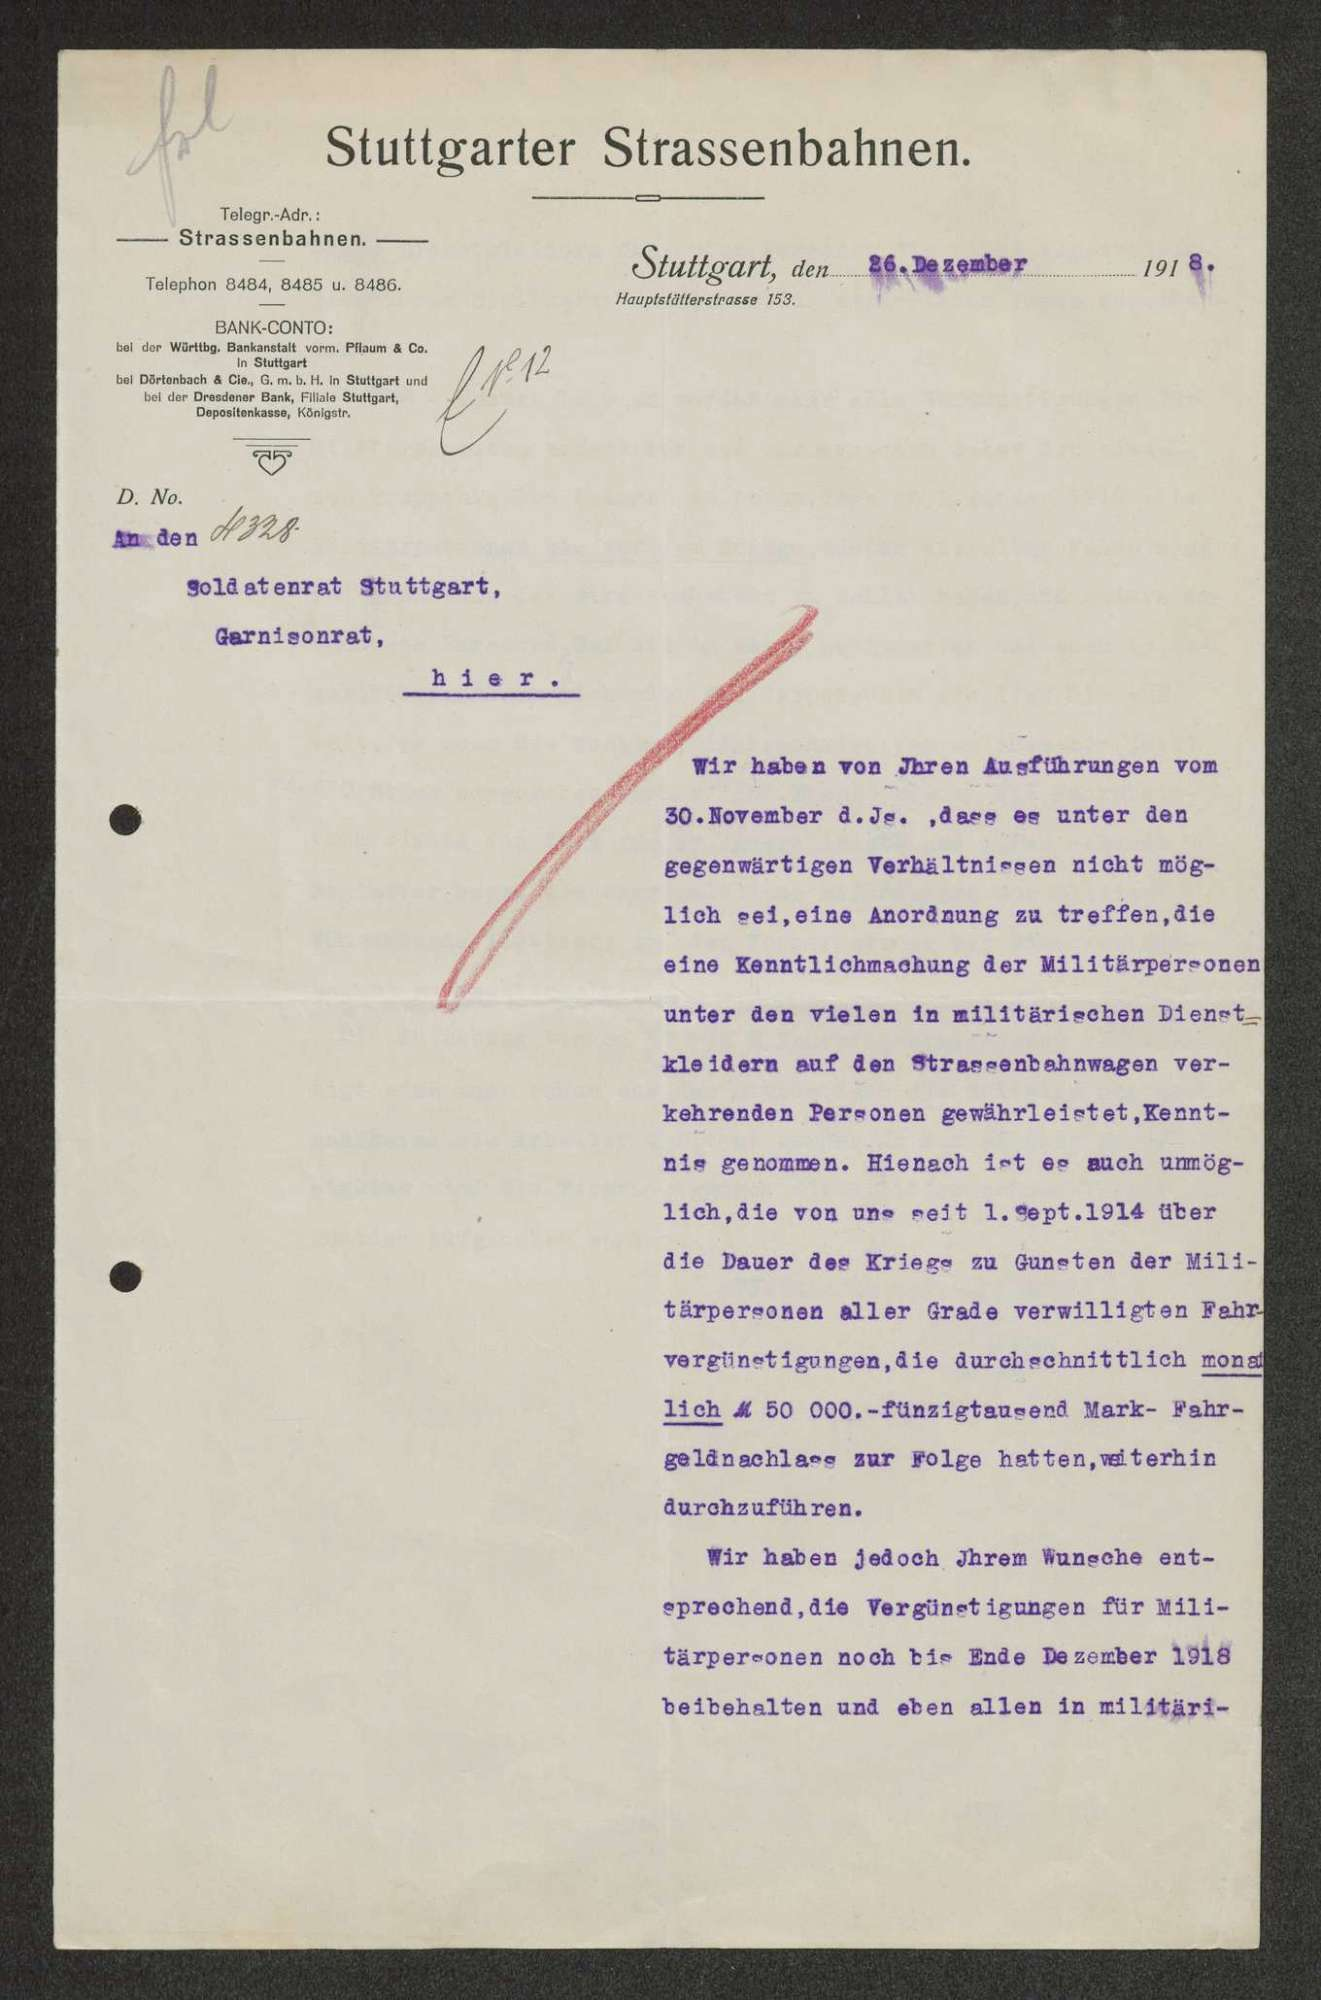 Aufhebung von Begünstigungen für Militärpersonen bei den Stuttgarter Straßenbahnen, Bild 1